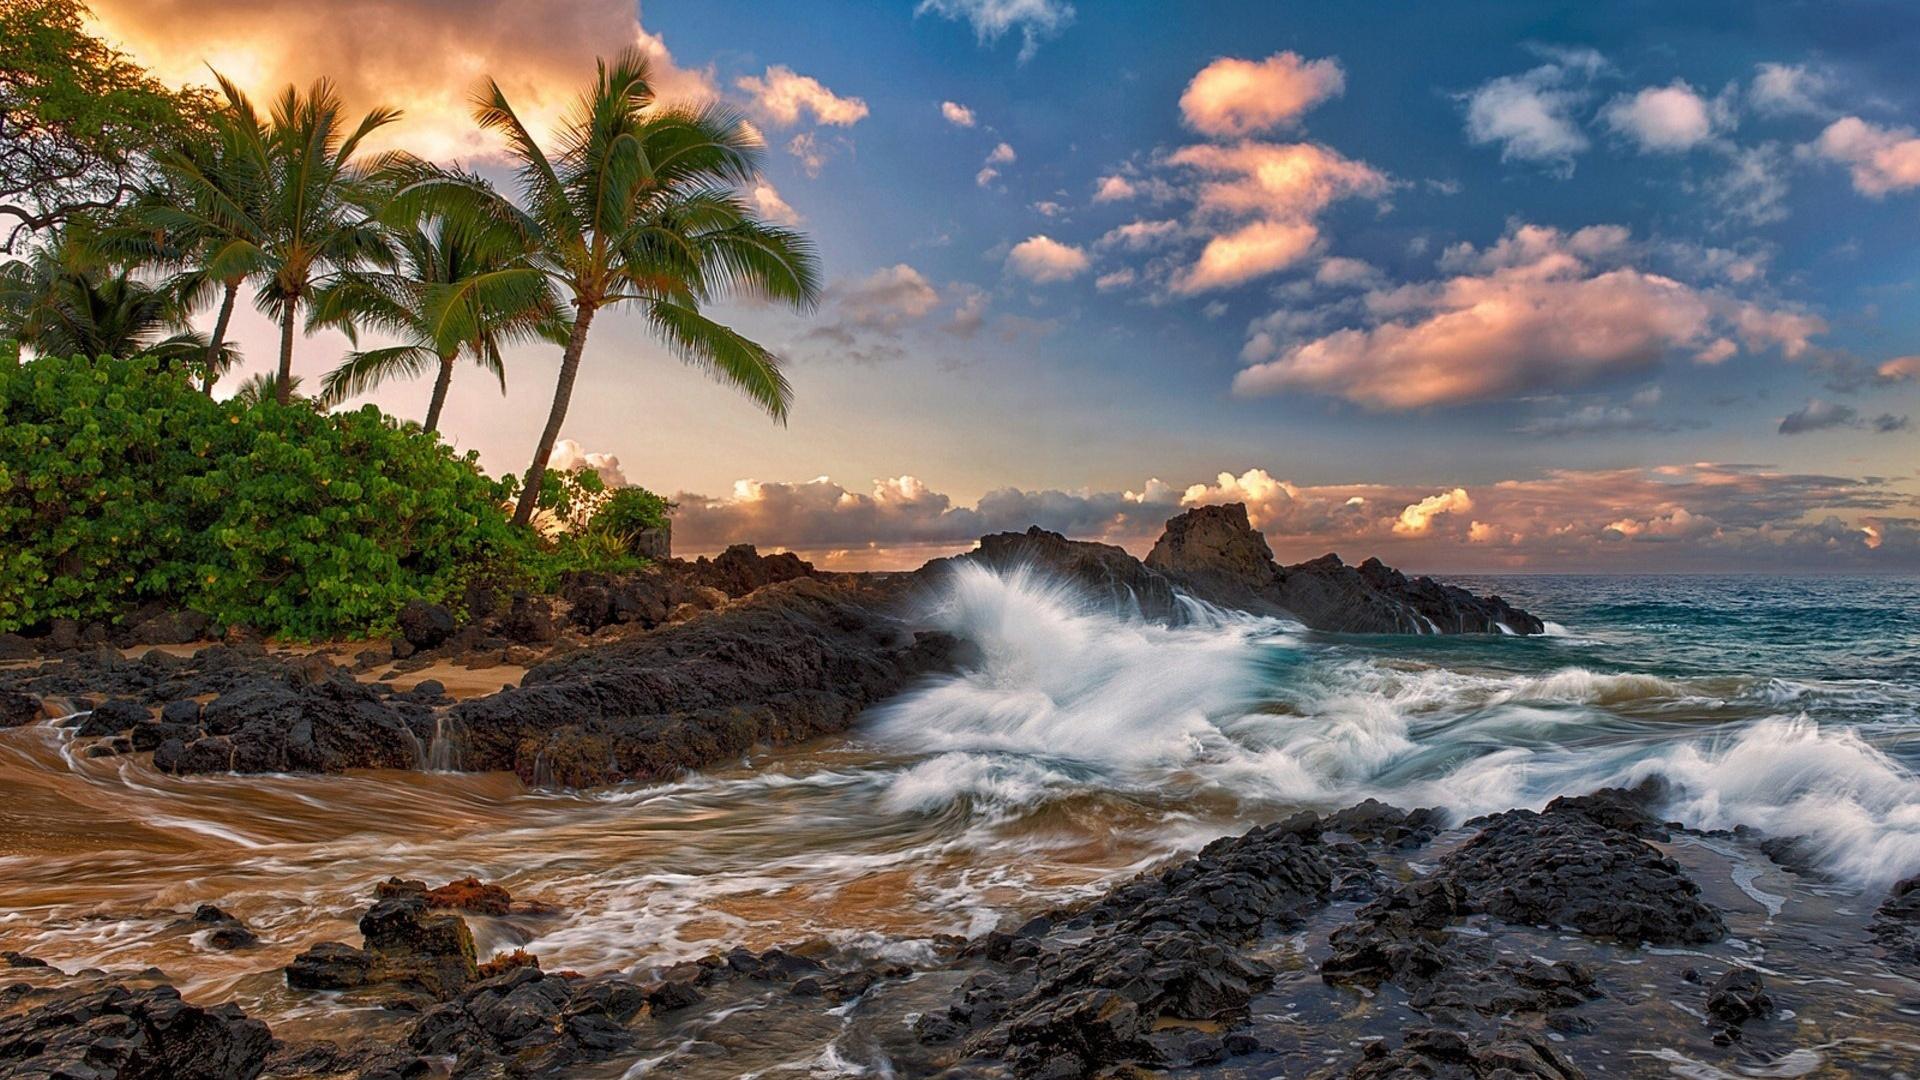 С пальмами на тропическом пляже с прибоем обои скачать